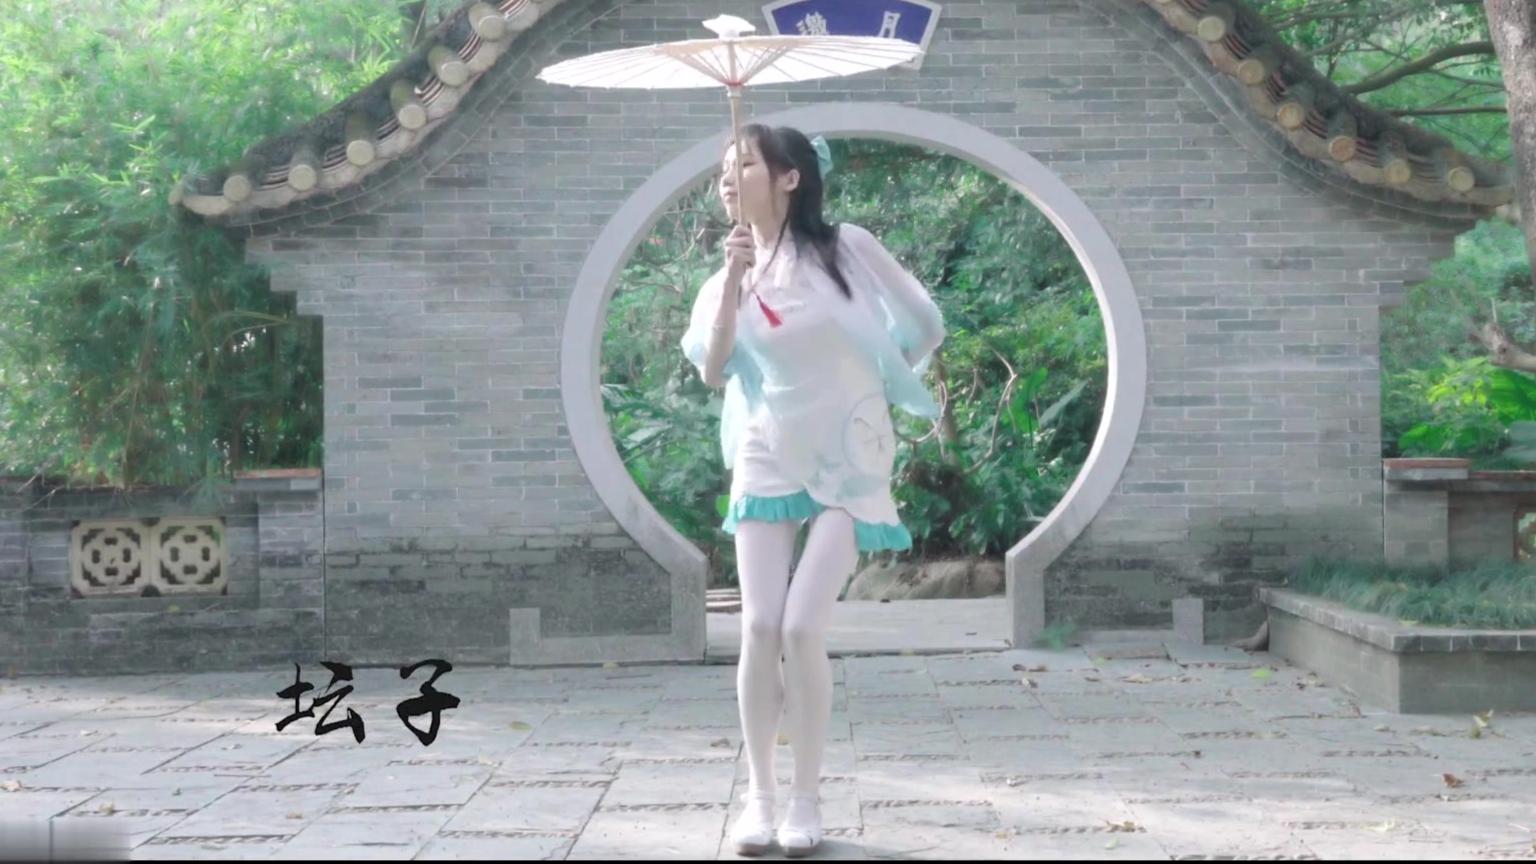 青蛇-七朵组合舞蹈翻跳◇中国风伞舞